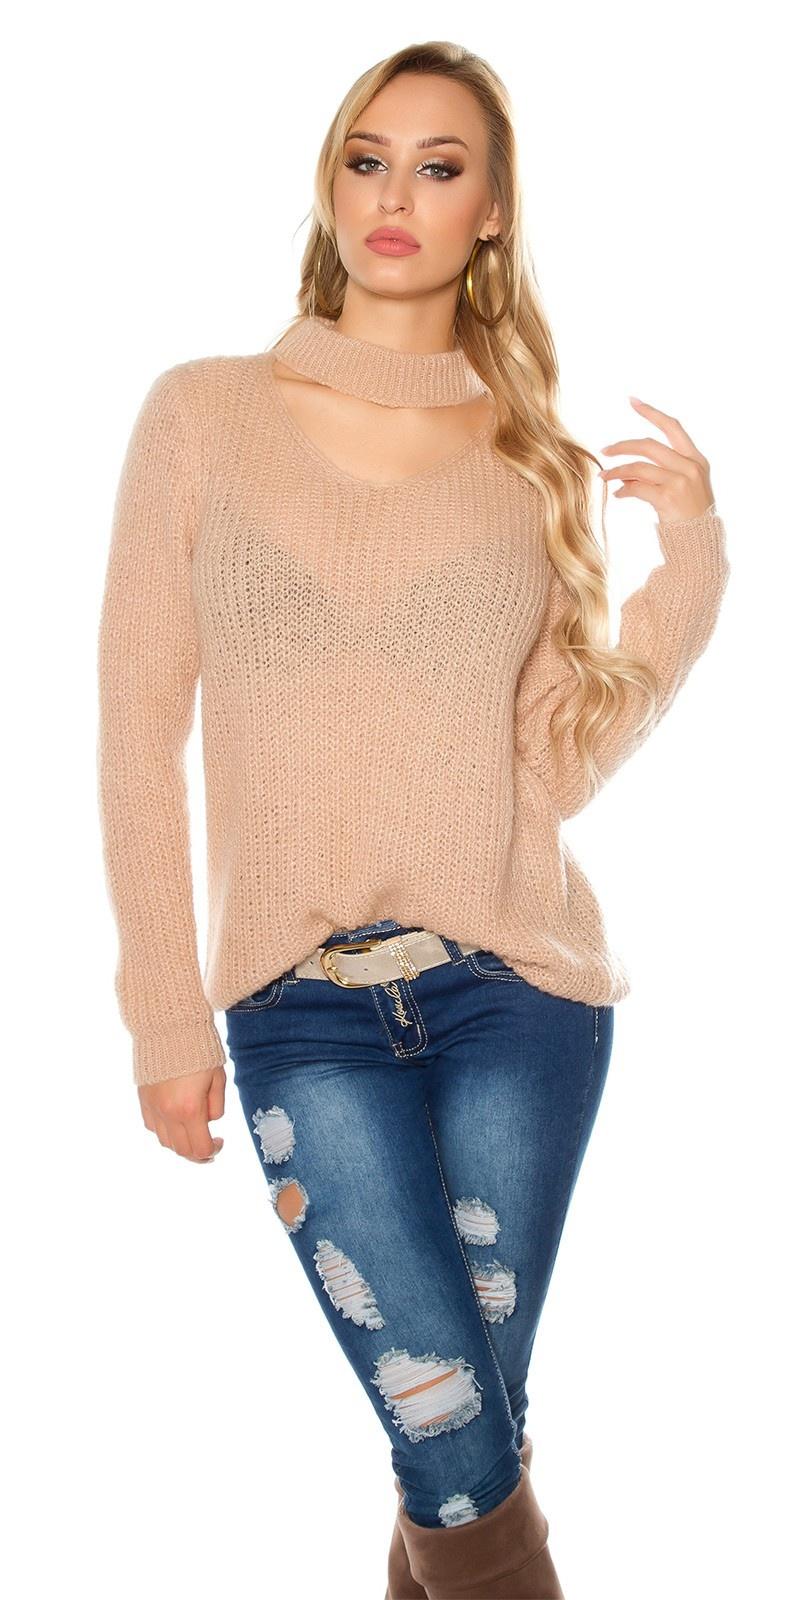 Trendy xl grof gebreide mohair sweater-trui met uitsparing antiekroze